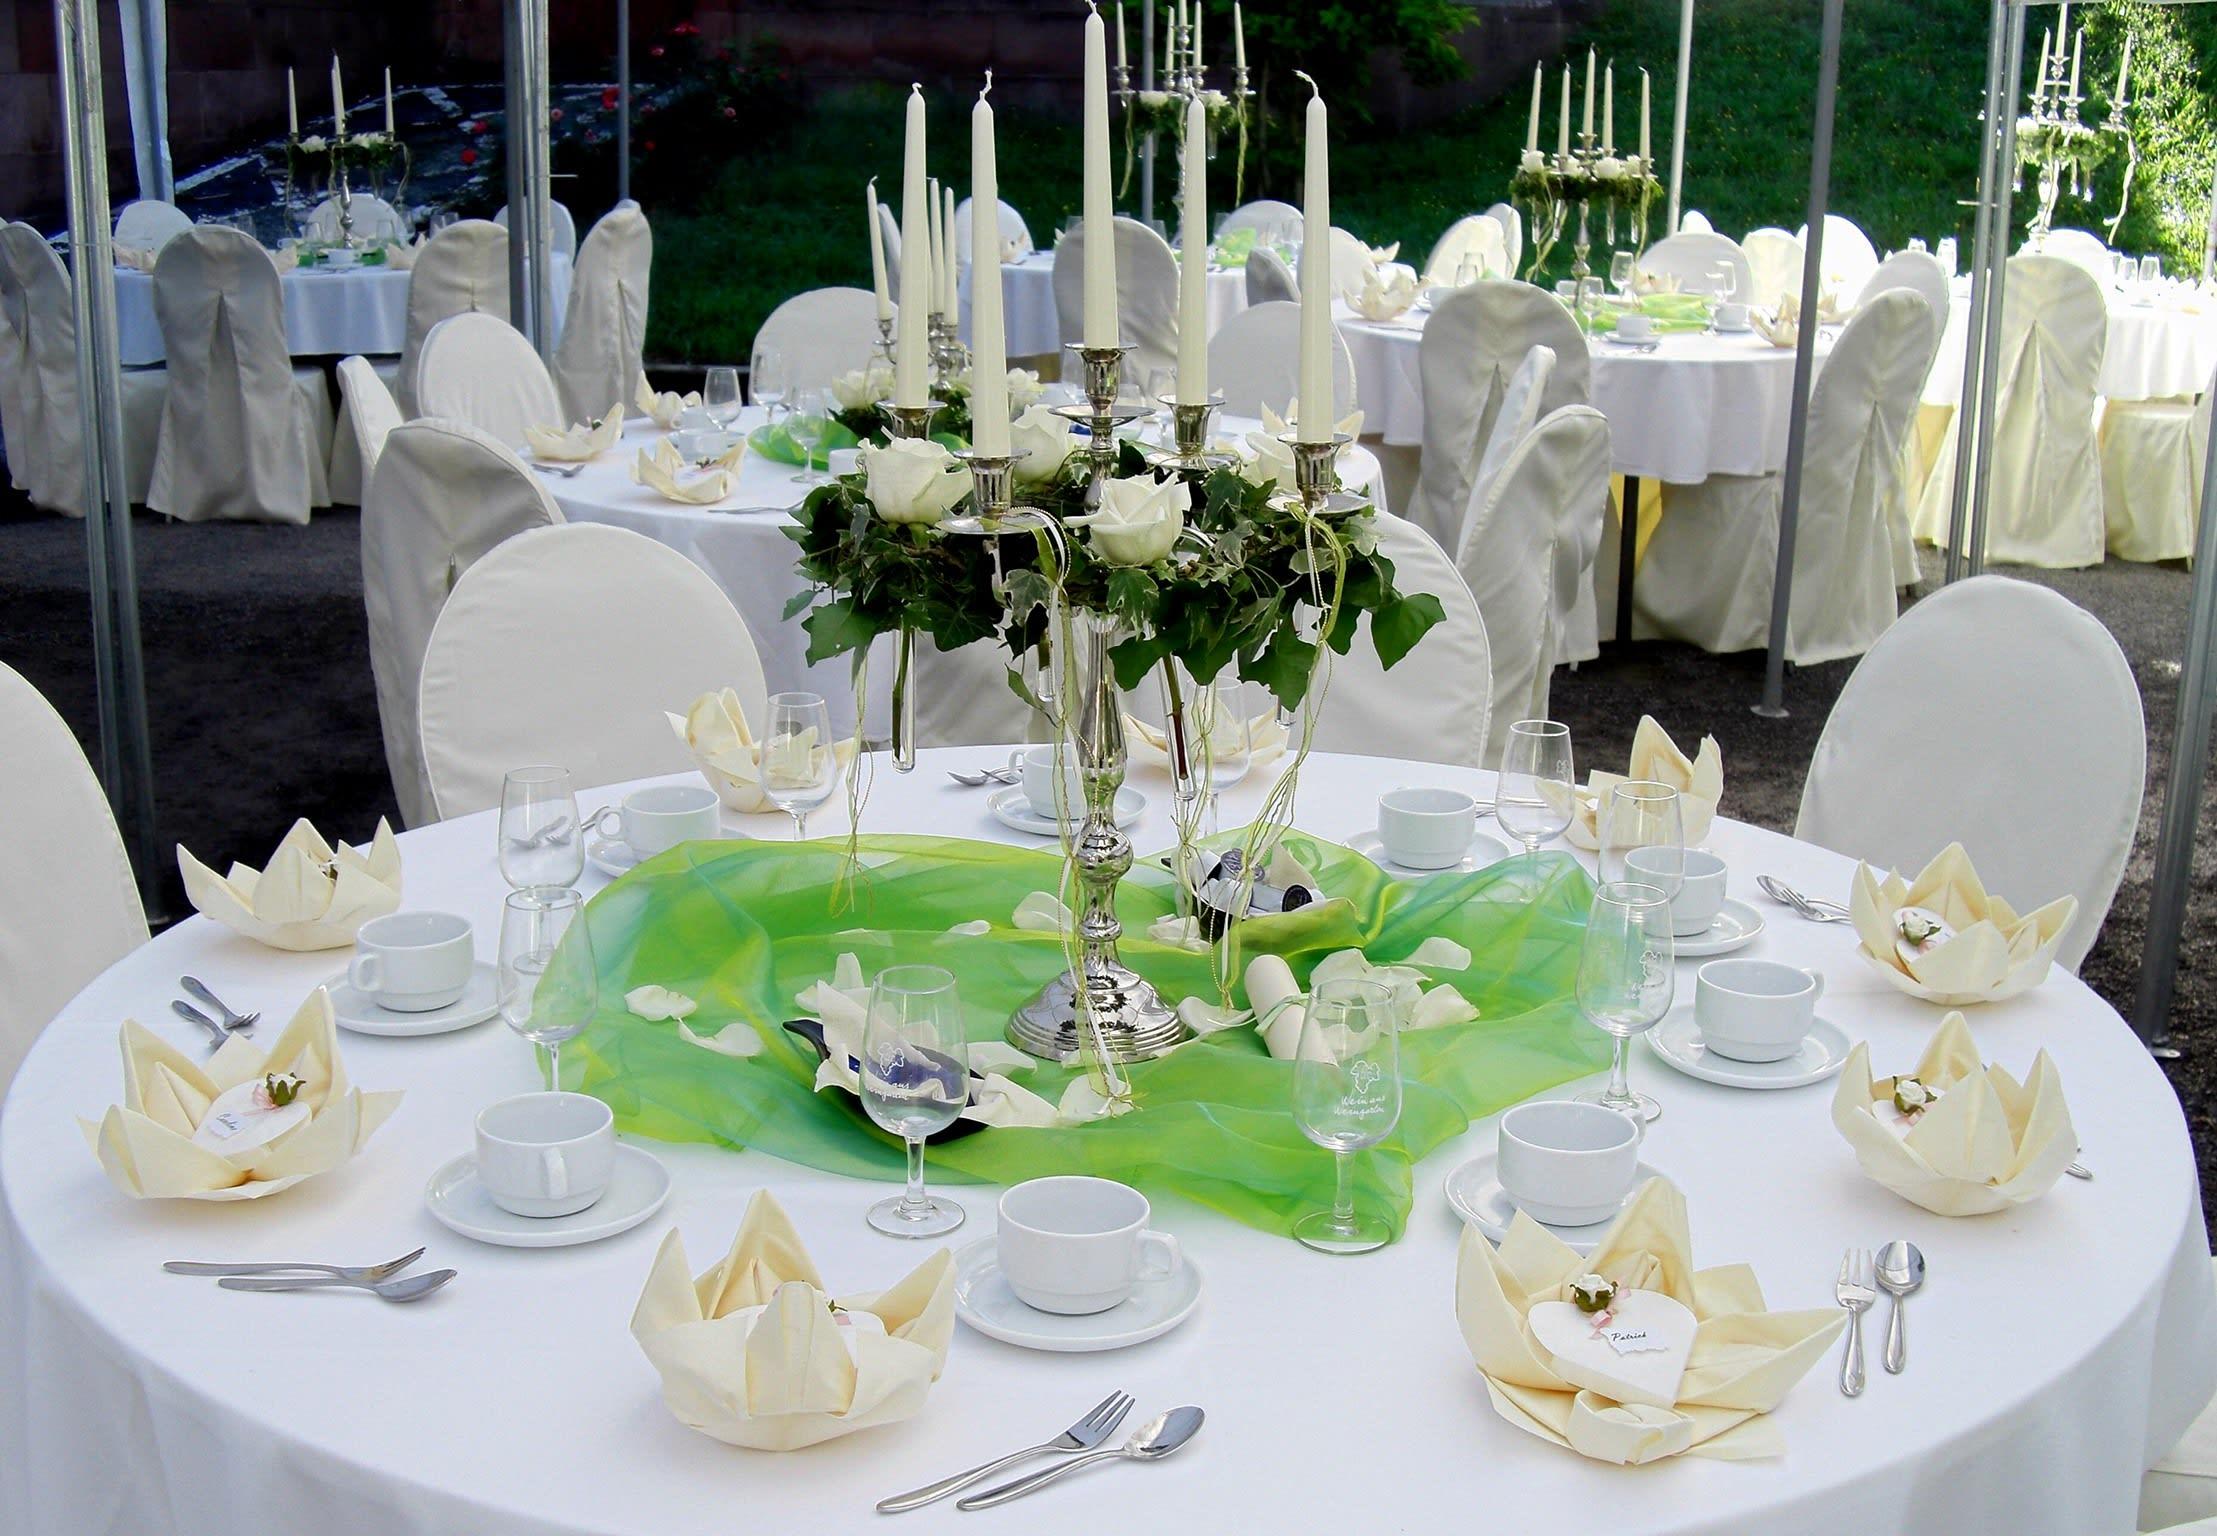 Dekorierter Tisch weiß grün mit Kerzen und Rosen